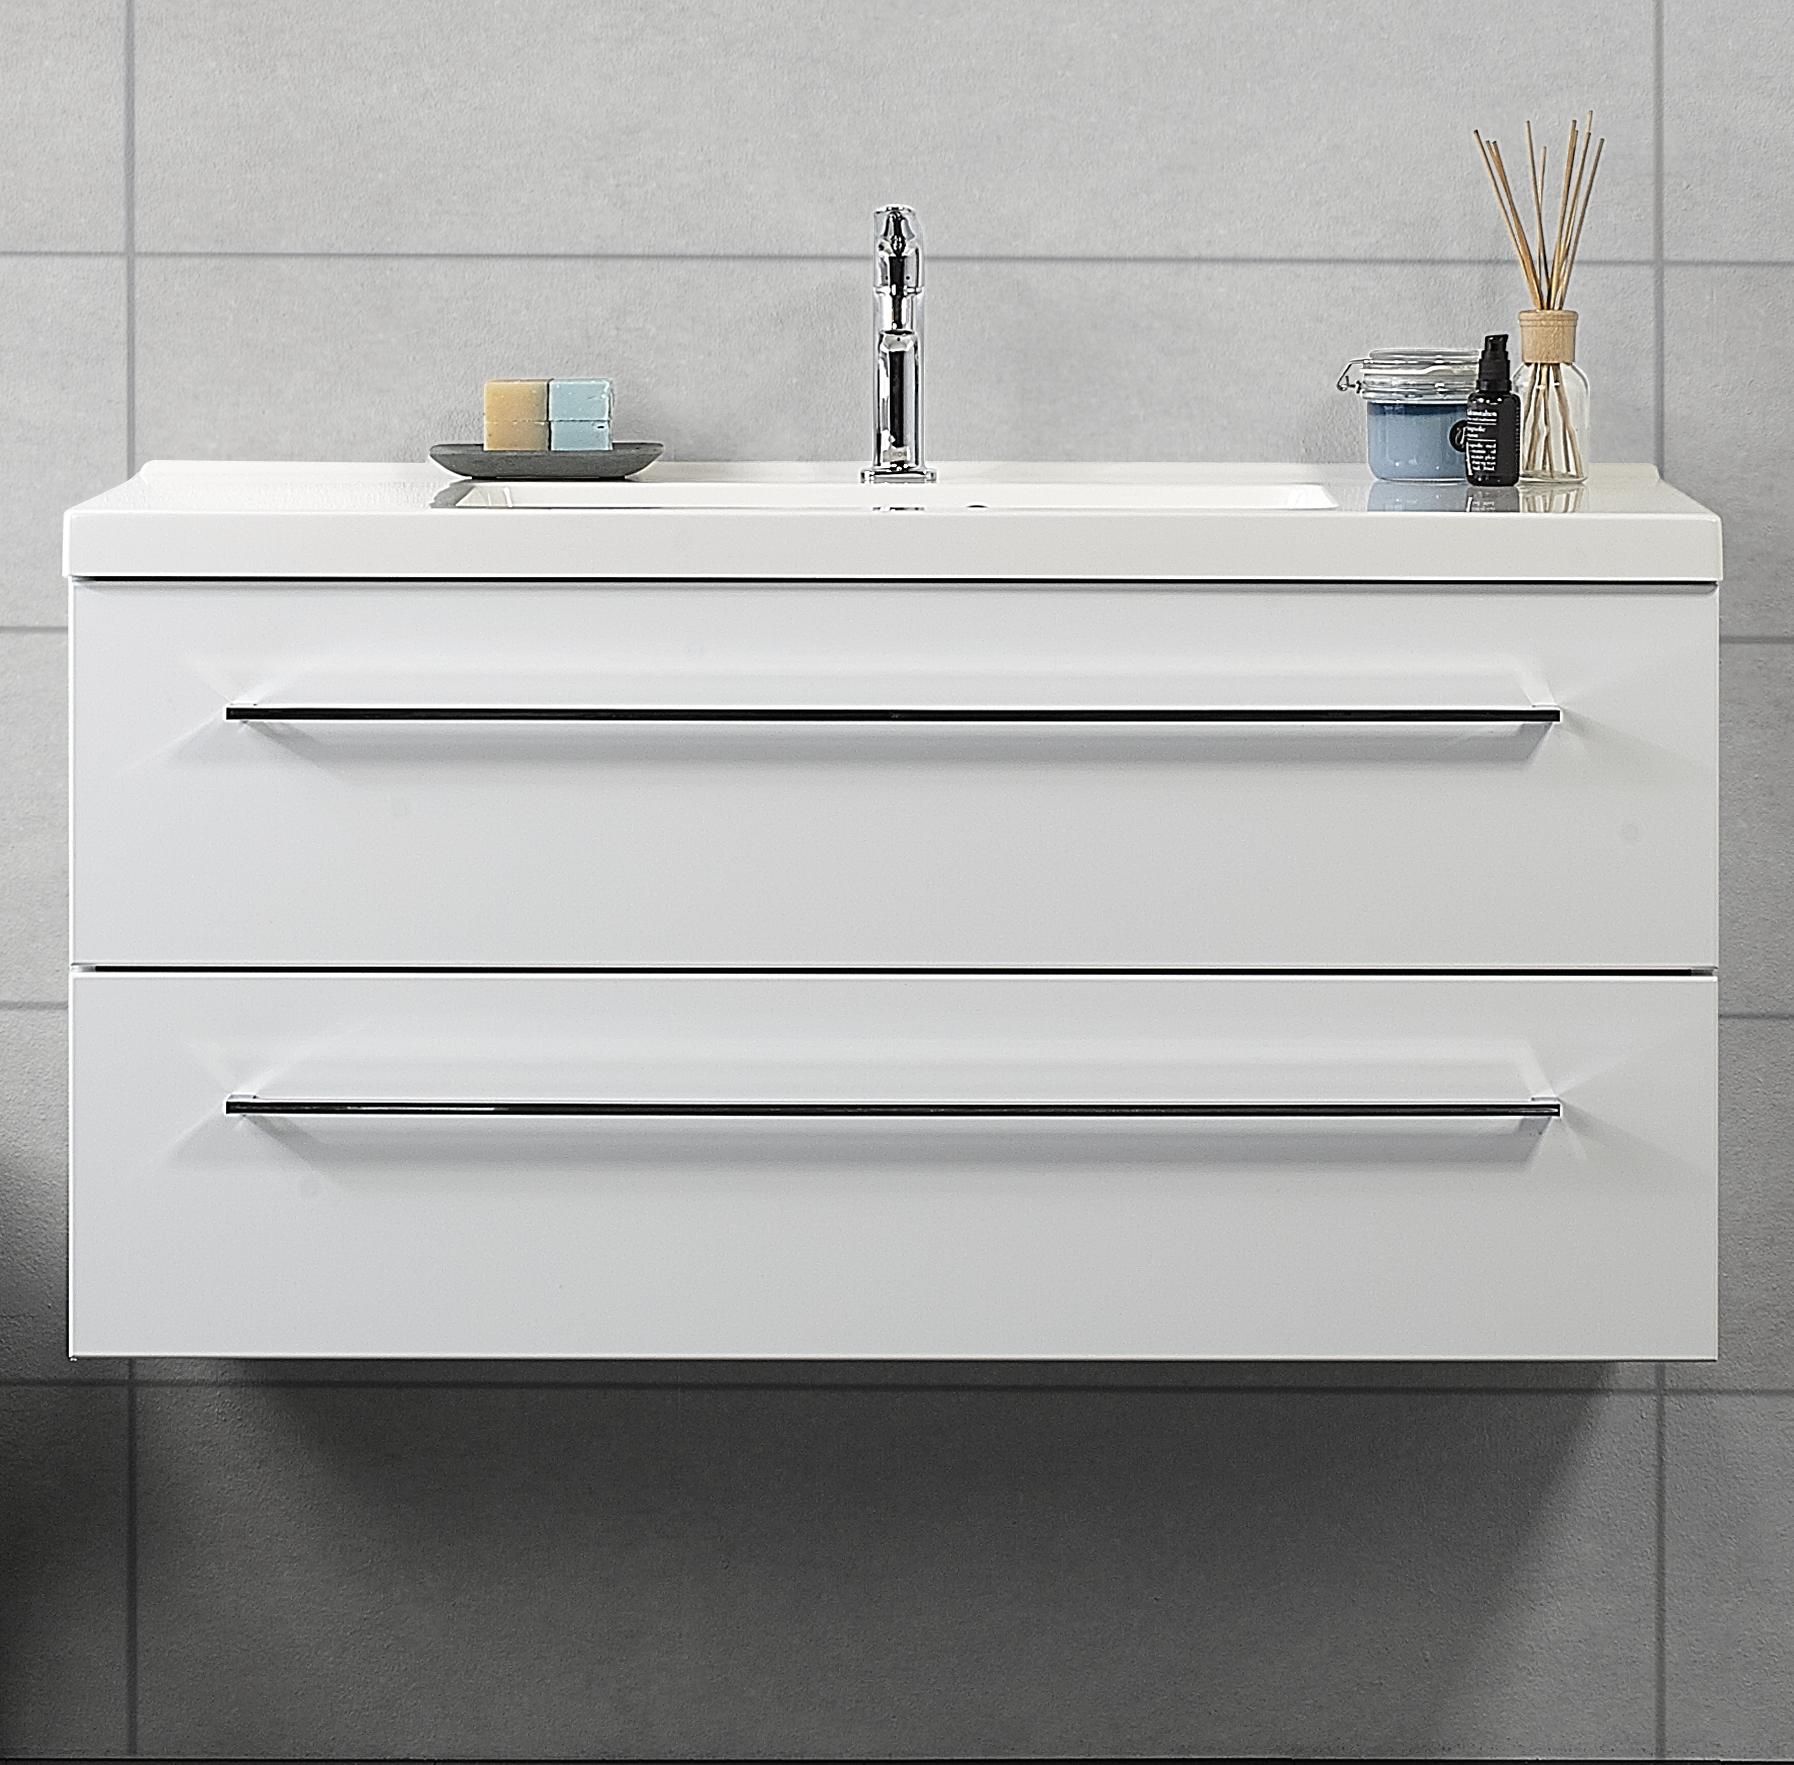 Dansani møbelsæt badeværelse håndvask armatur